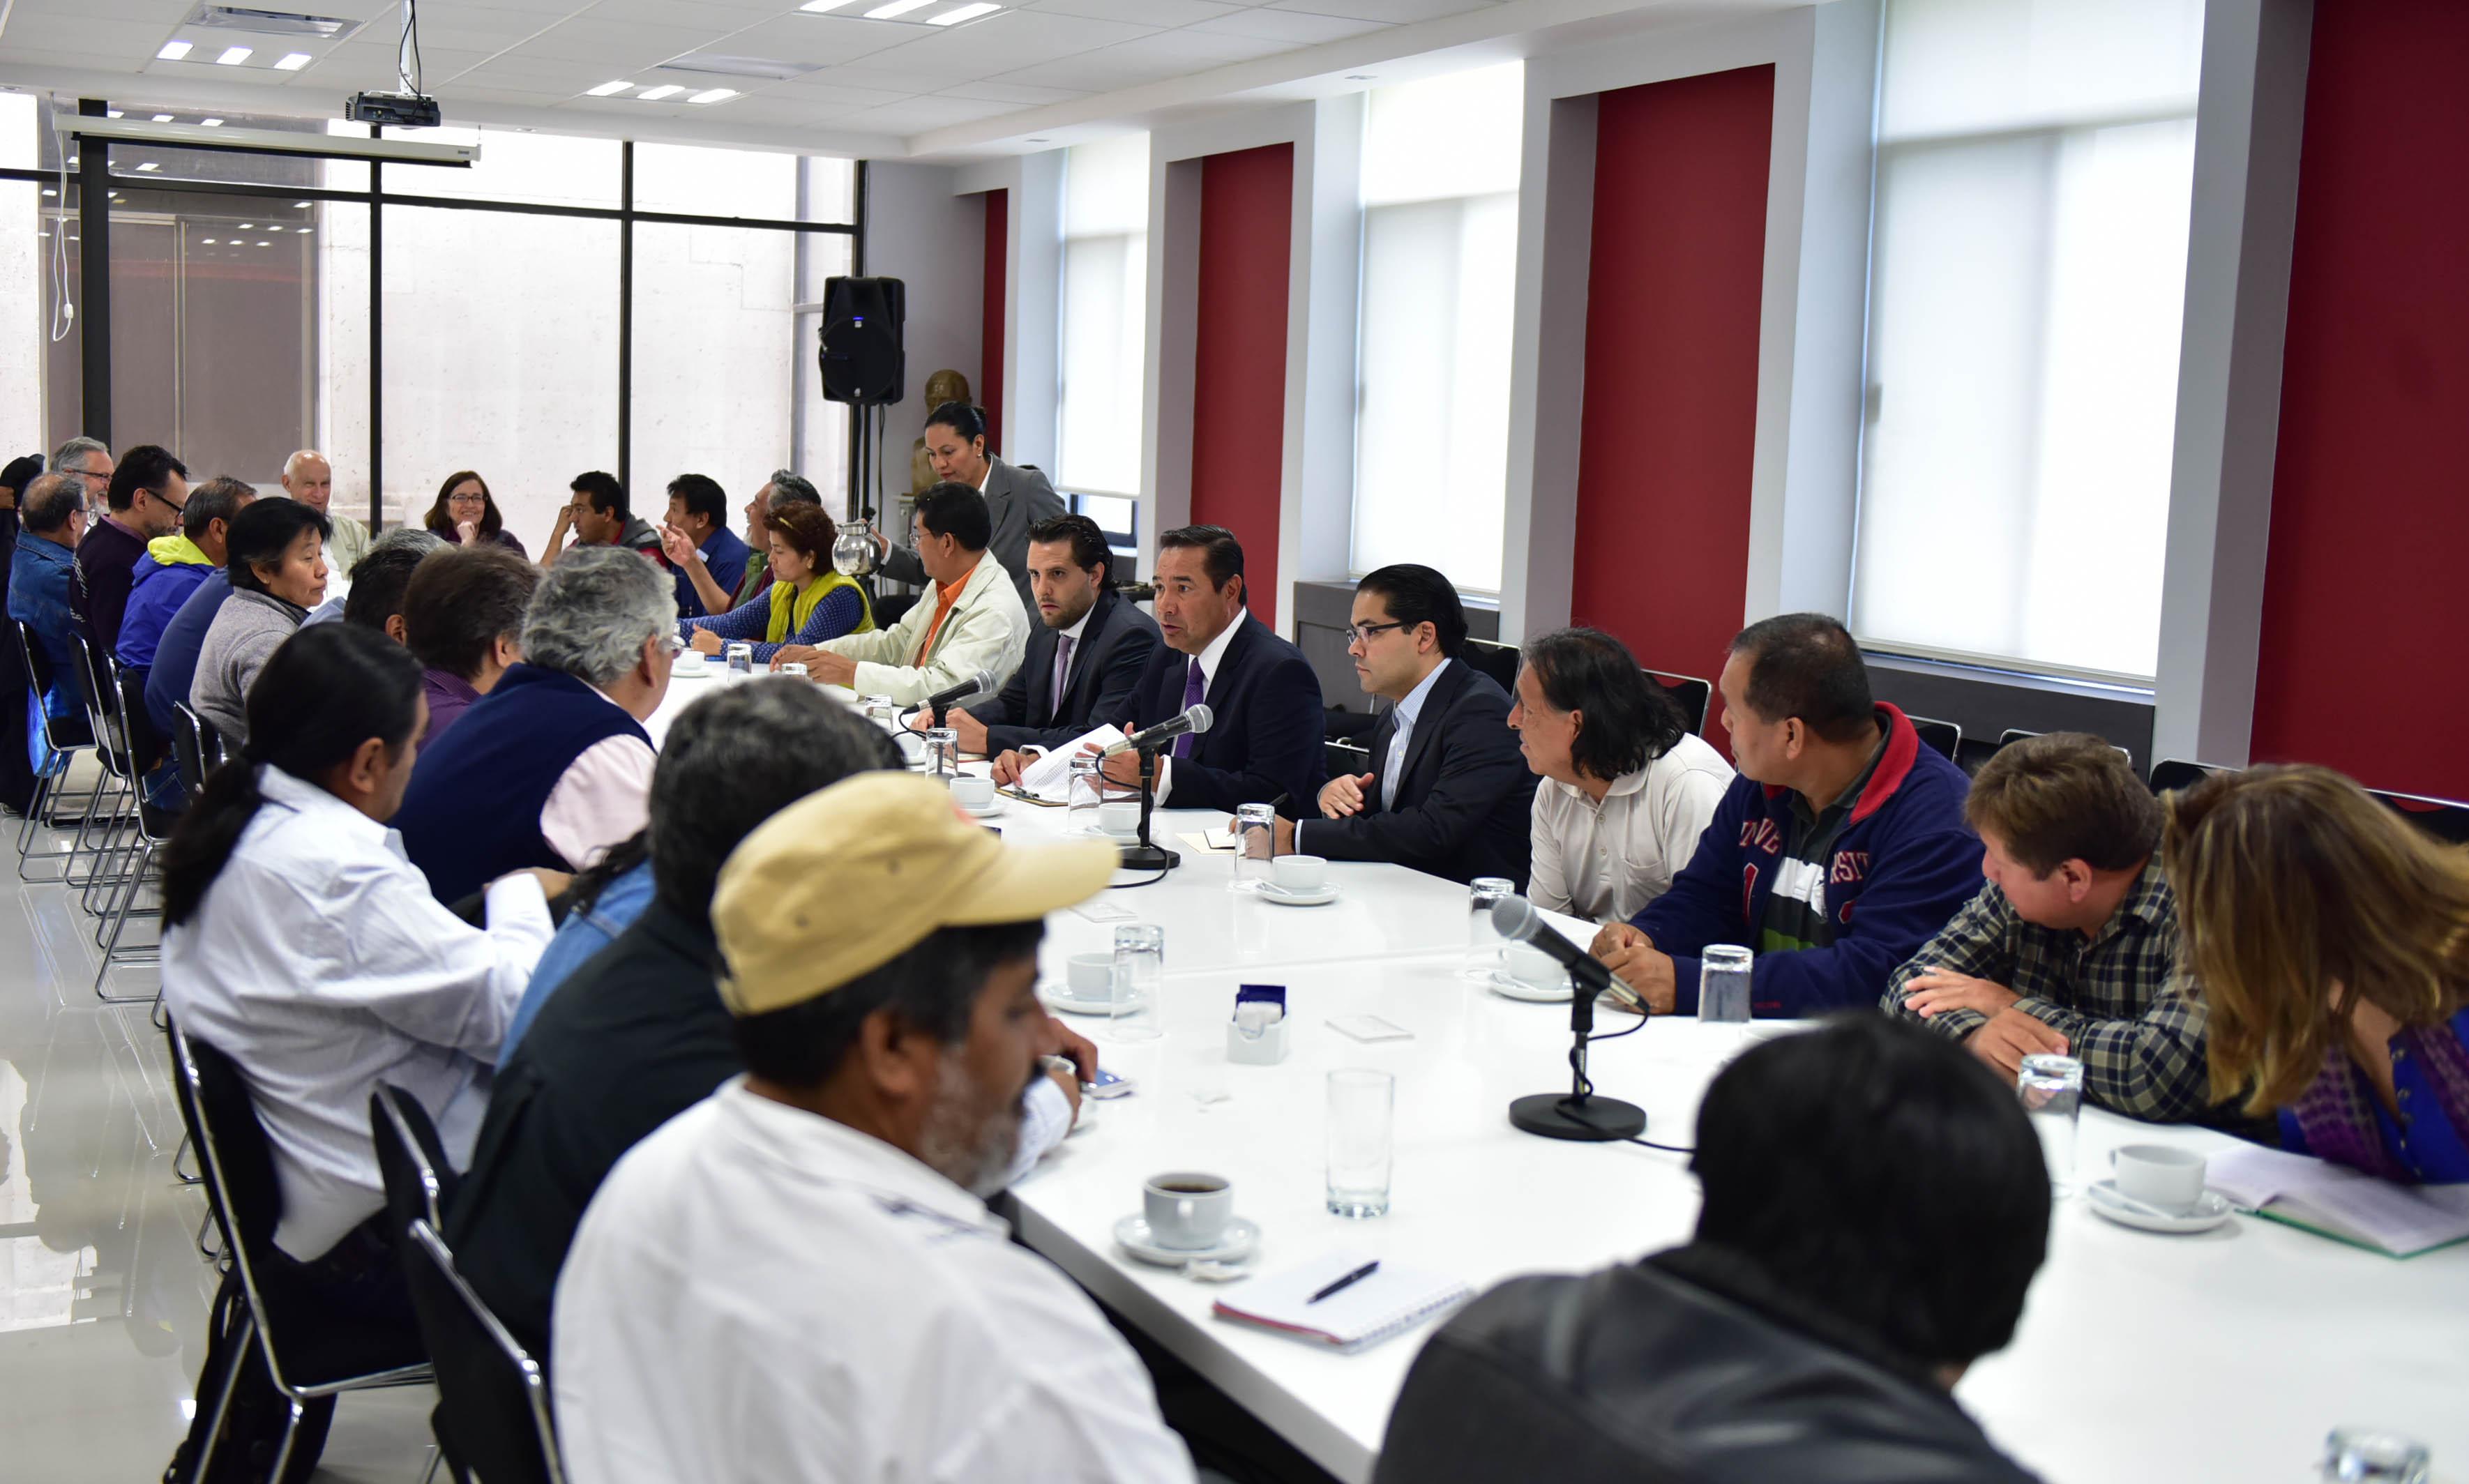 El Subsecretario de Gobierno, Luis Enrique Miranda Nava, encabeza la mesa de diálogo con integrantes de SNTE-CNTE